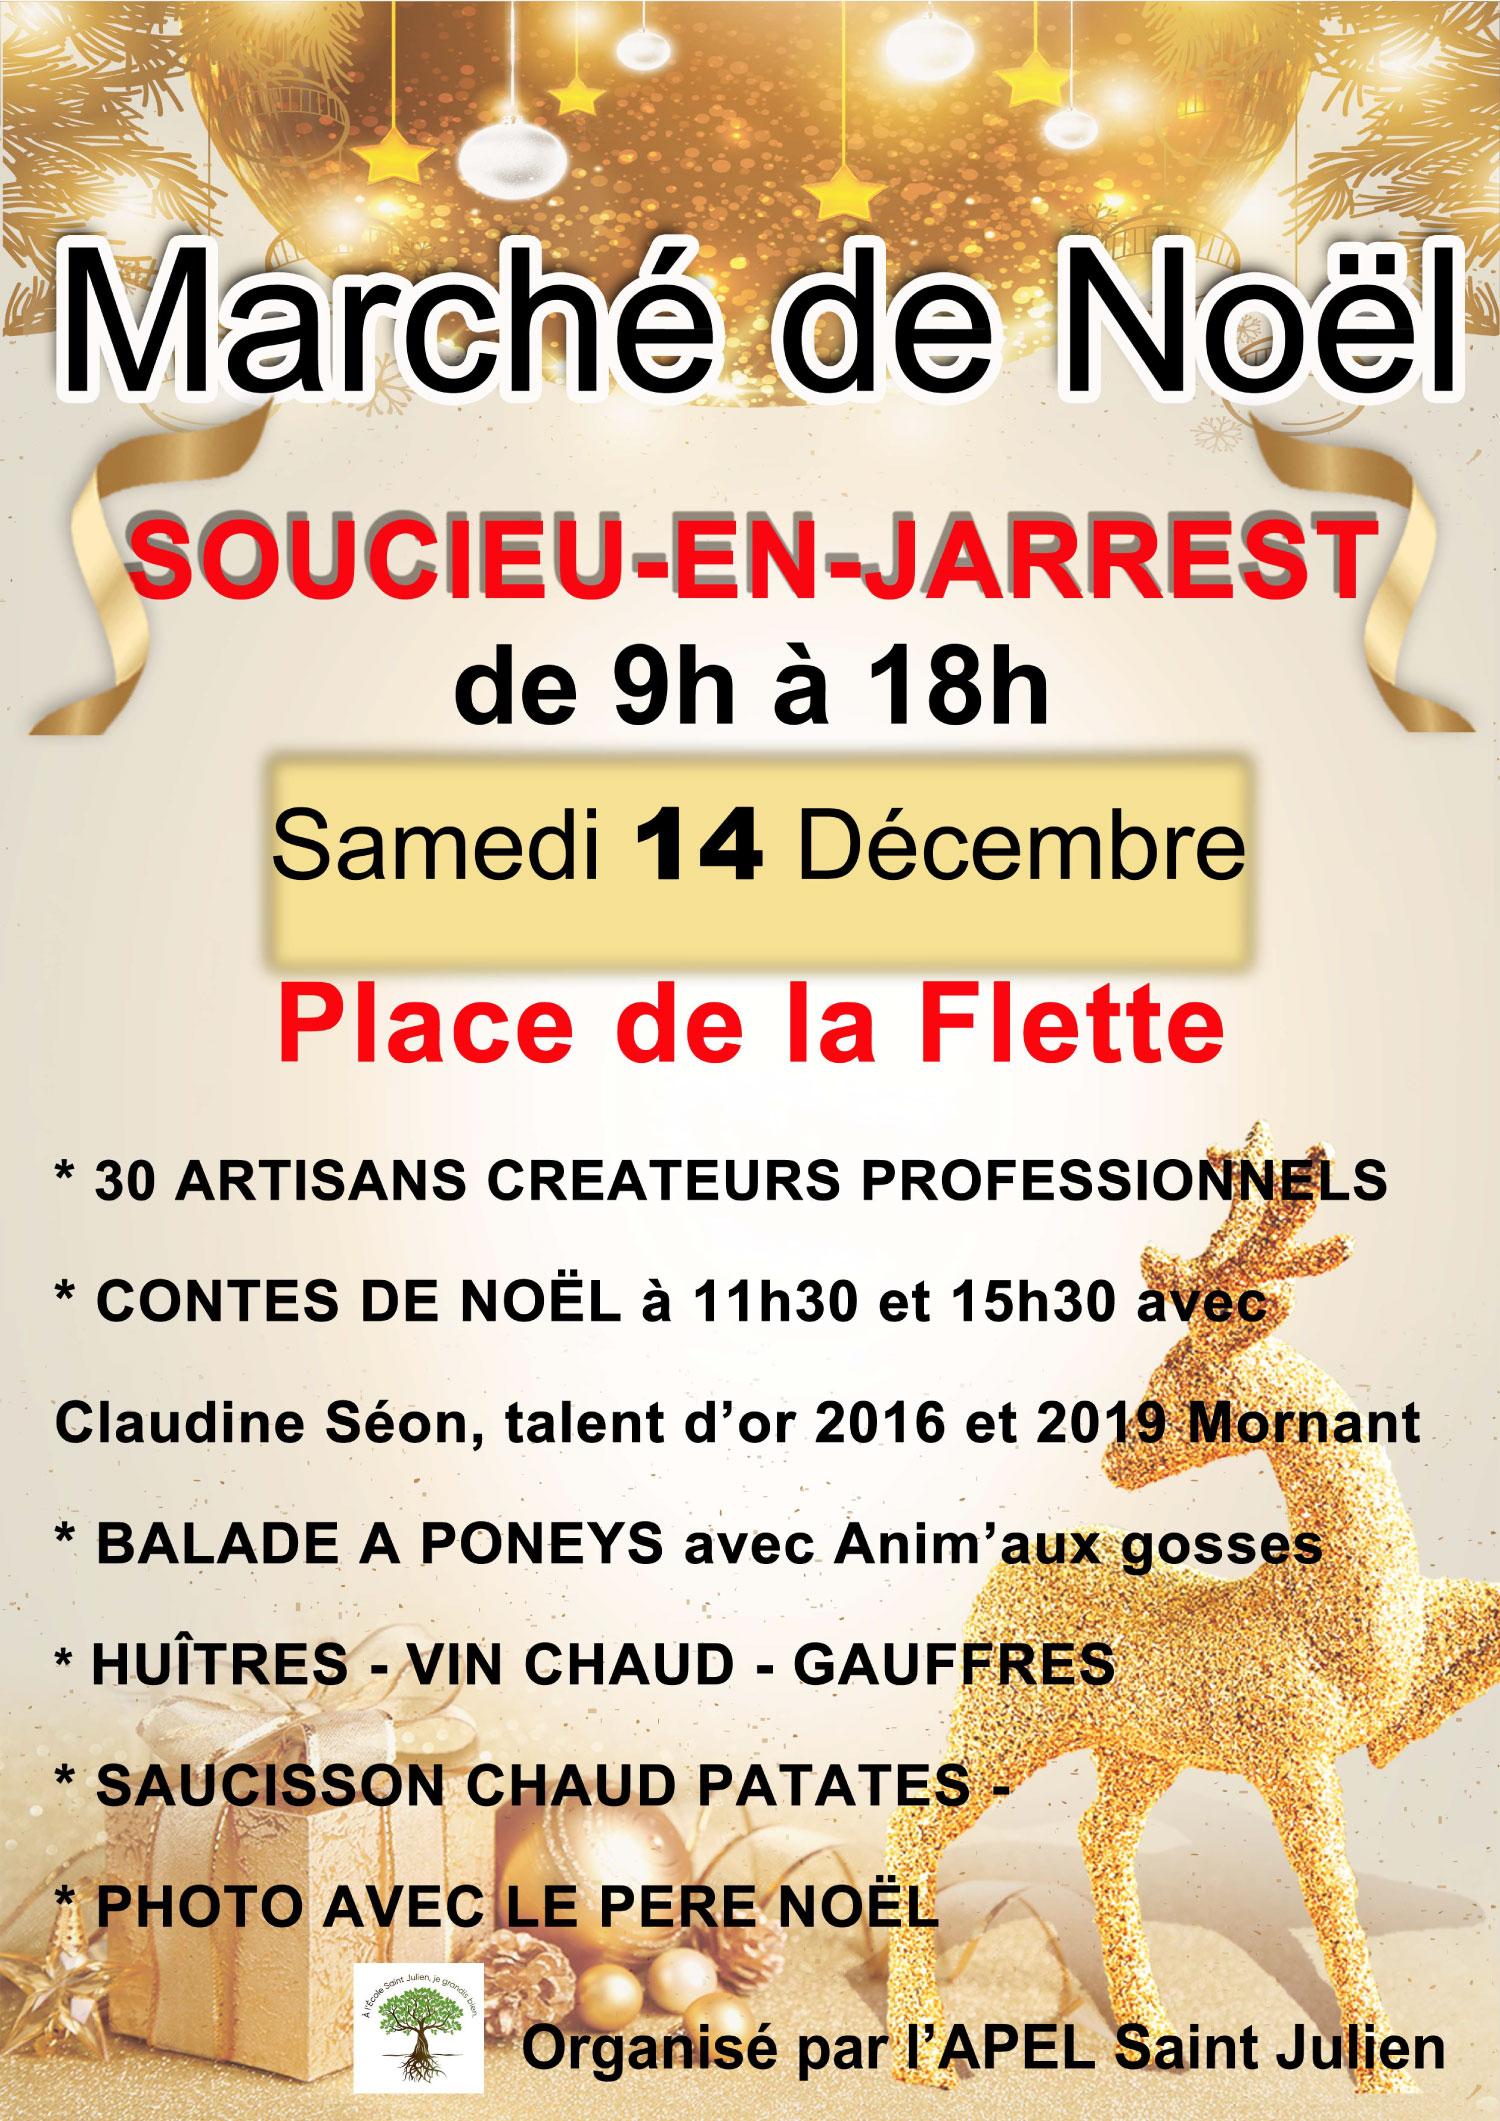 Marché de Noël de Soucieu en Jarrest